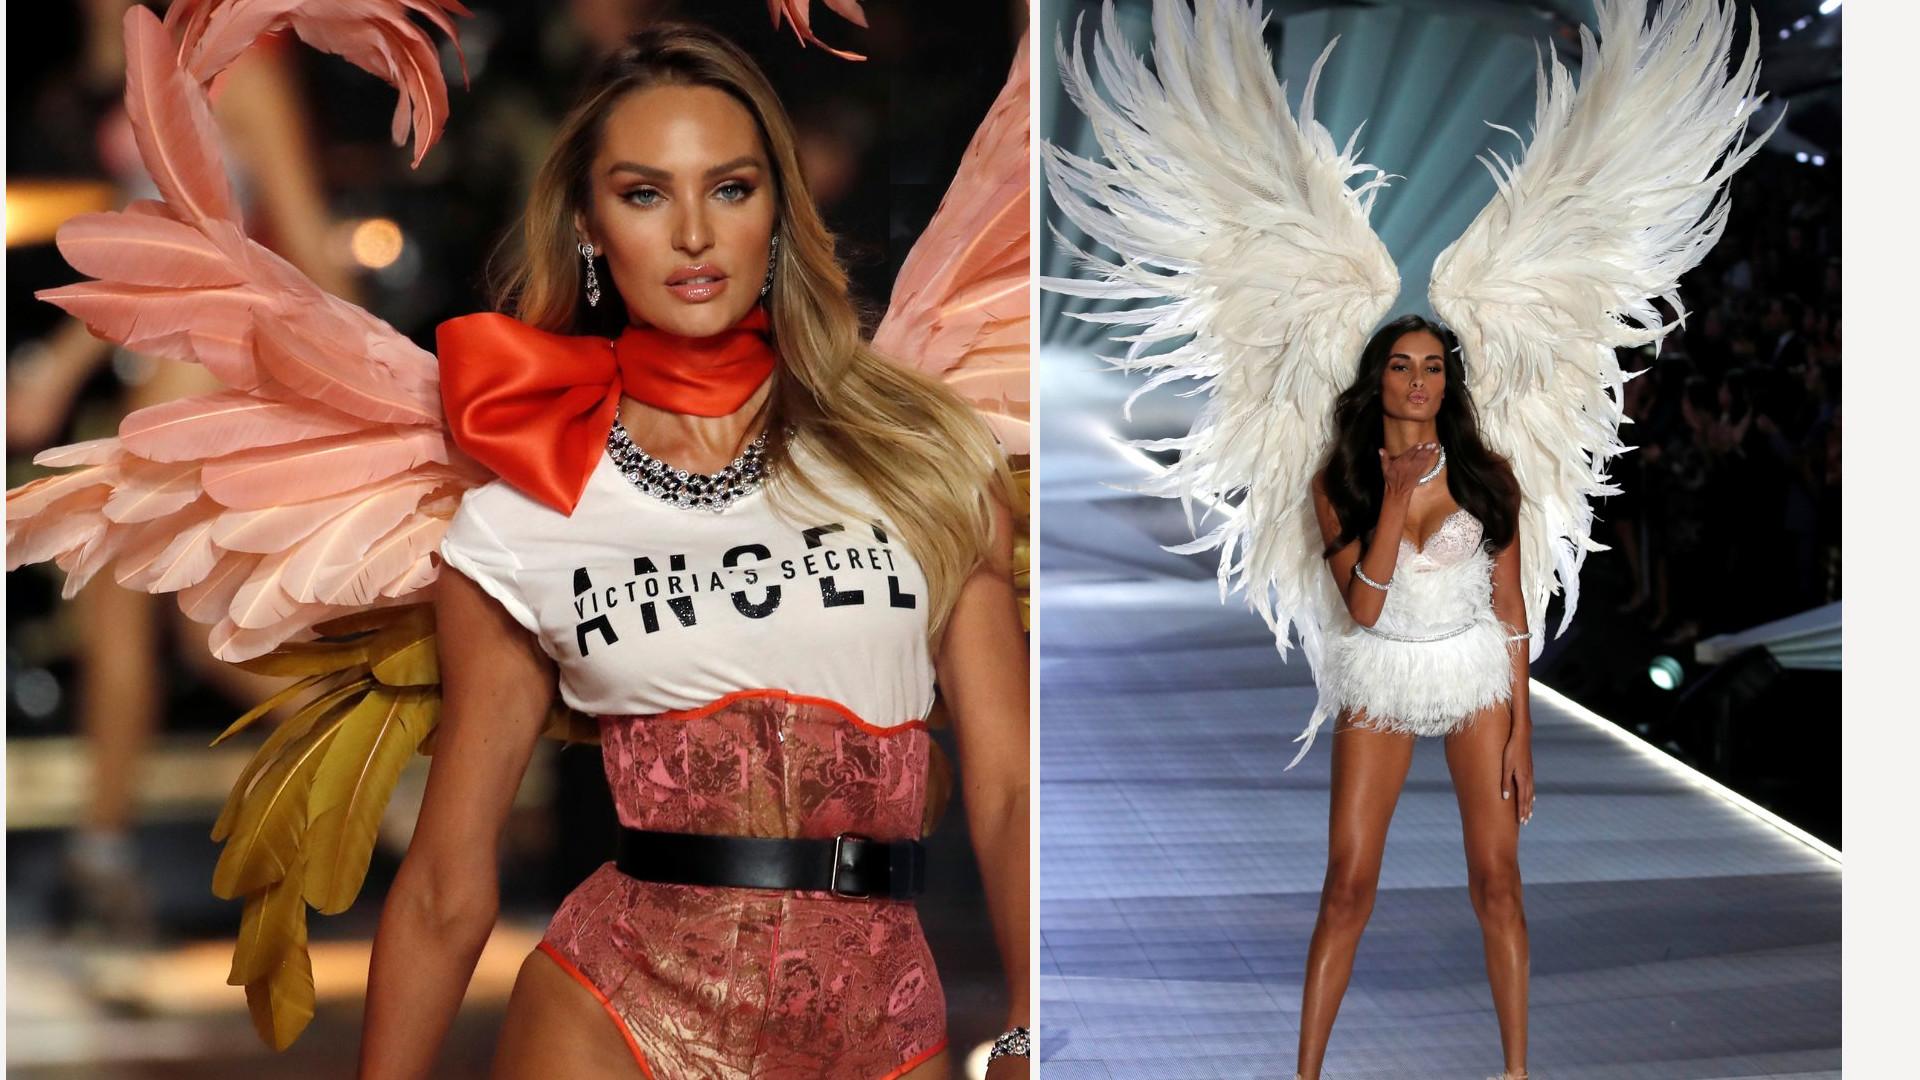 Doroczny wielki pokaz Victoria's Secret NIE ODBĘDZIE SIĘ